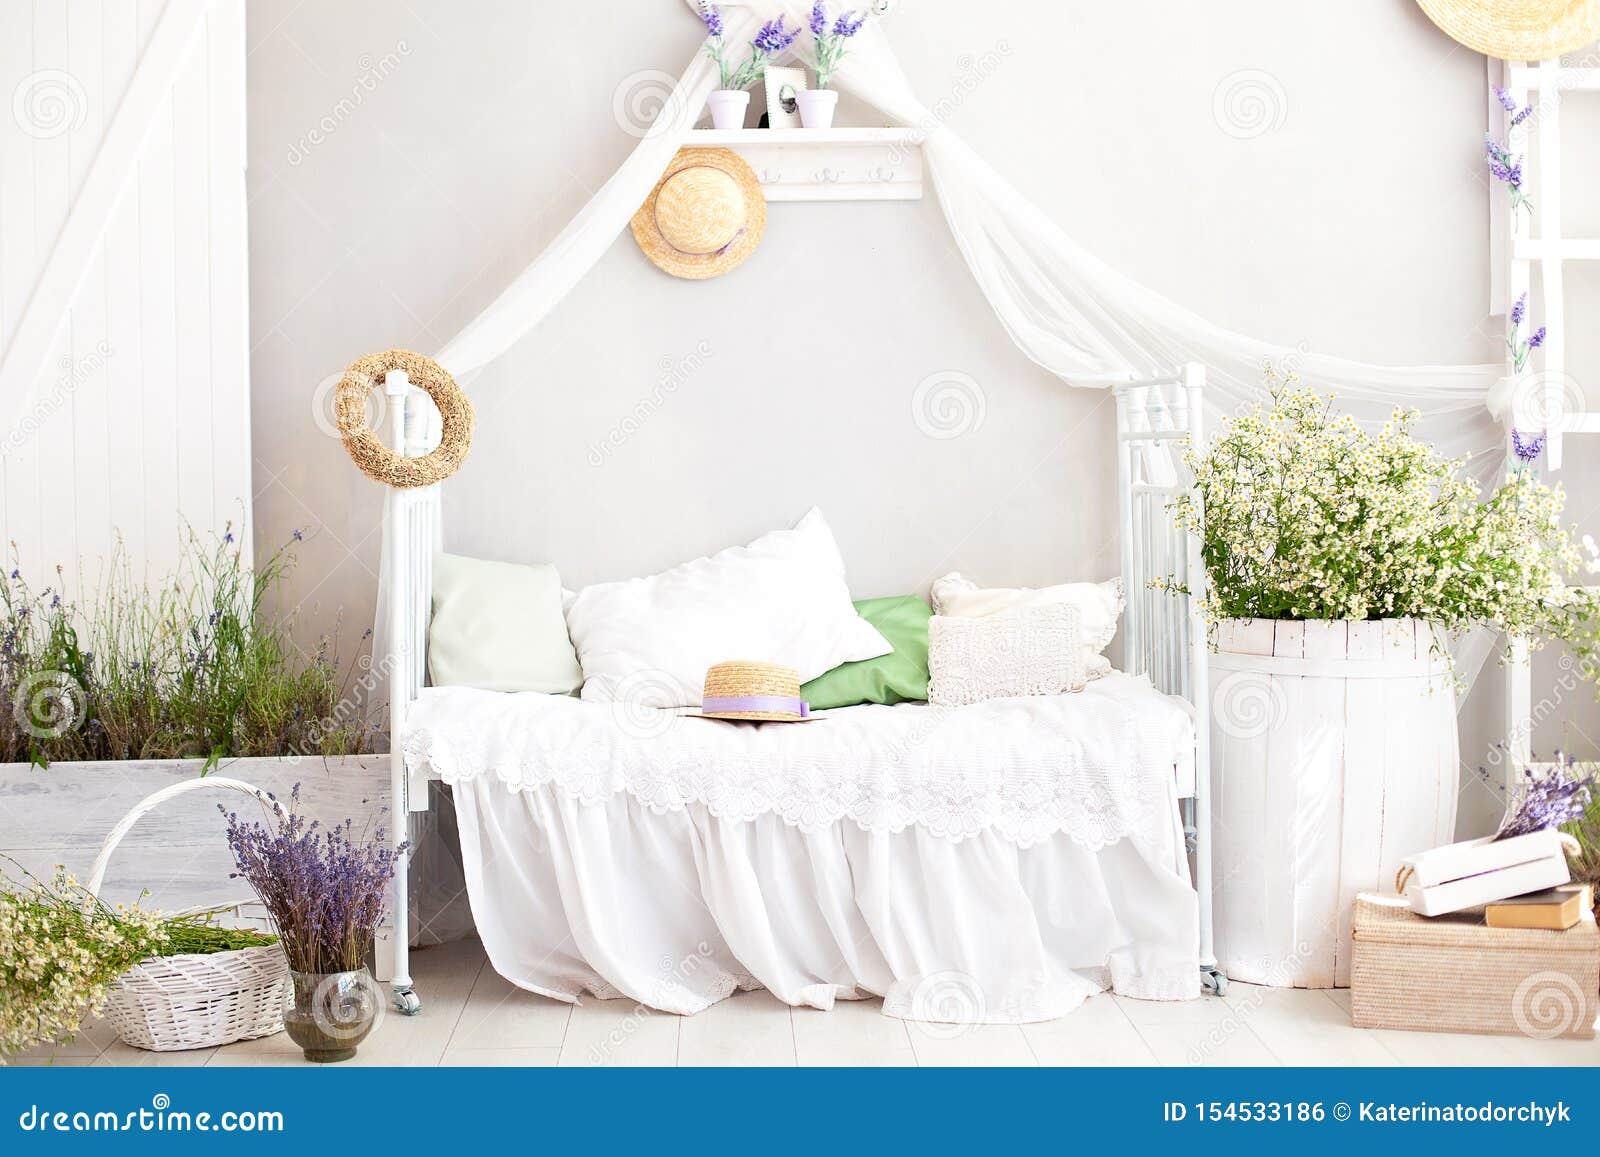 Provence stil, lantlig stil! Inre flickaktigt Provencal-stil för sjaskig stil sovrum Tappningruminre med vit smidesjärn är